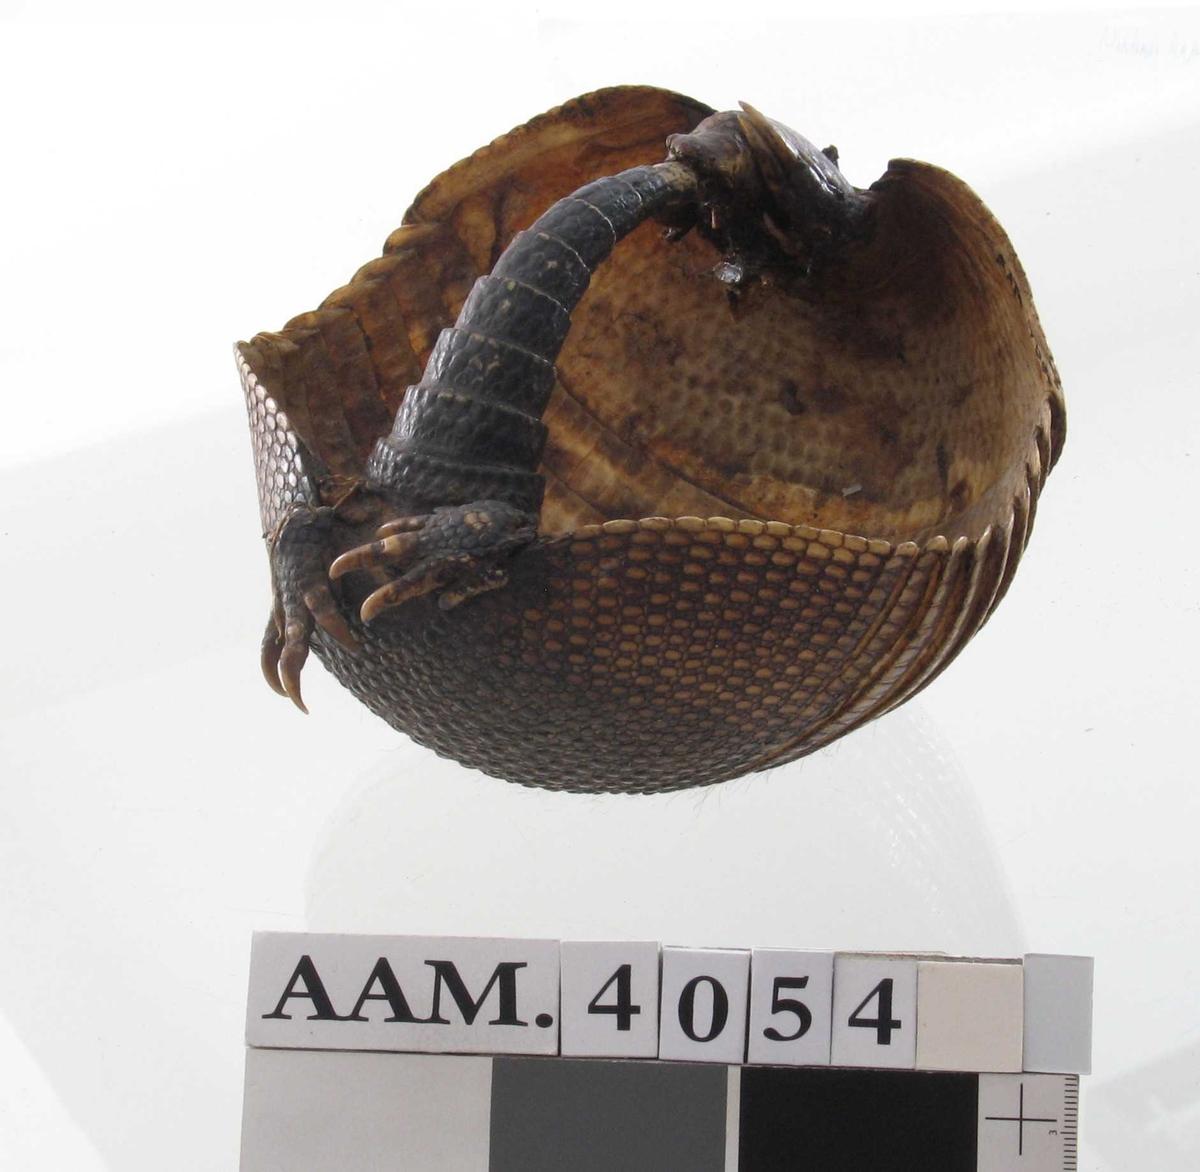 Skålformet tynt panser av   hornskjell.  Midtpartiet har tverrgående striper. Hale og hode festet  sammen,  slik at det dannes en hank. Mørk og lysere brun. Tilstand jan. 65.  : god. En av bakføttene løs, henger i tynn tråd.